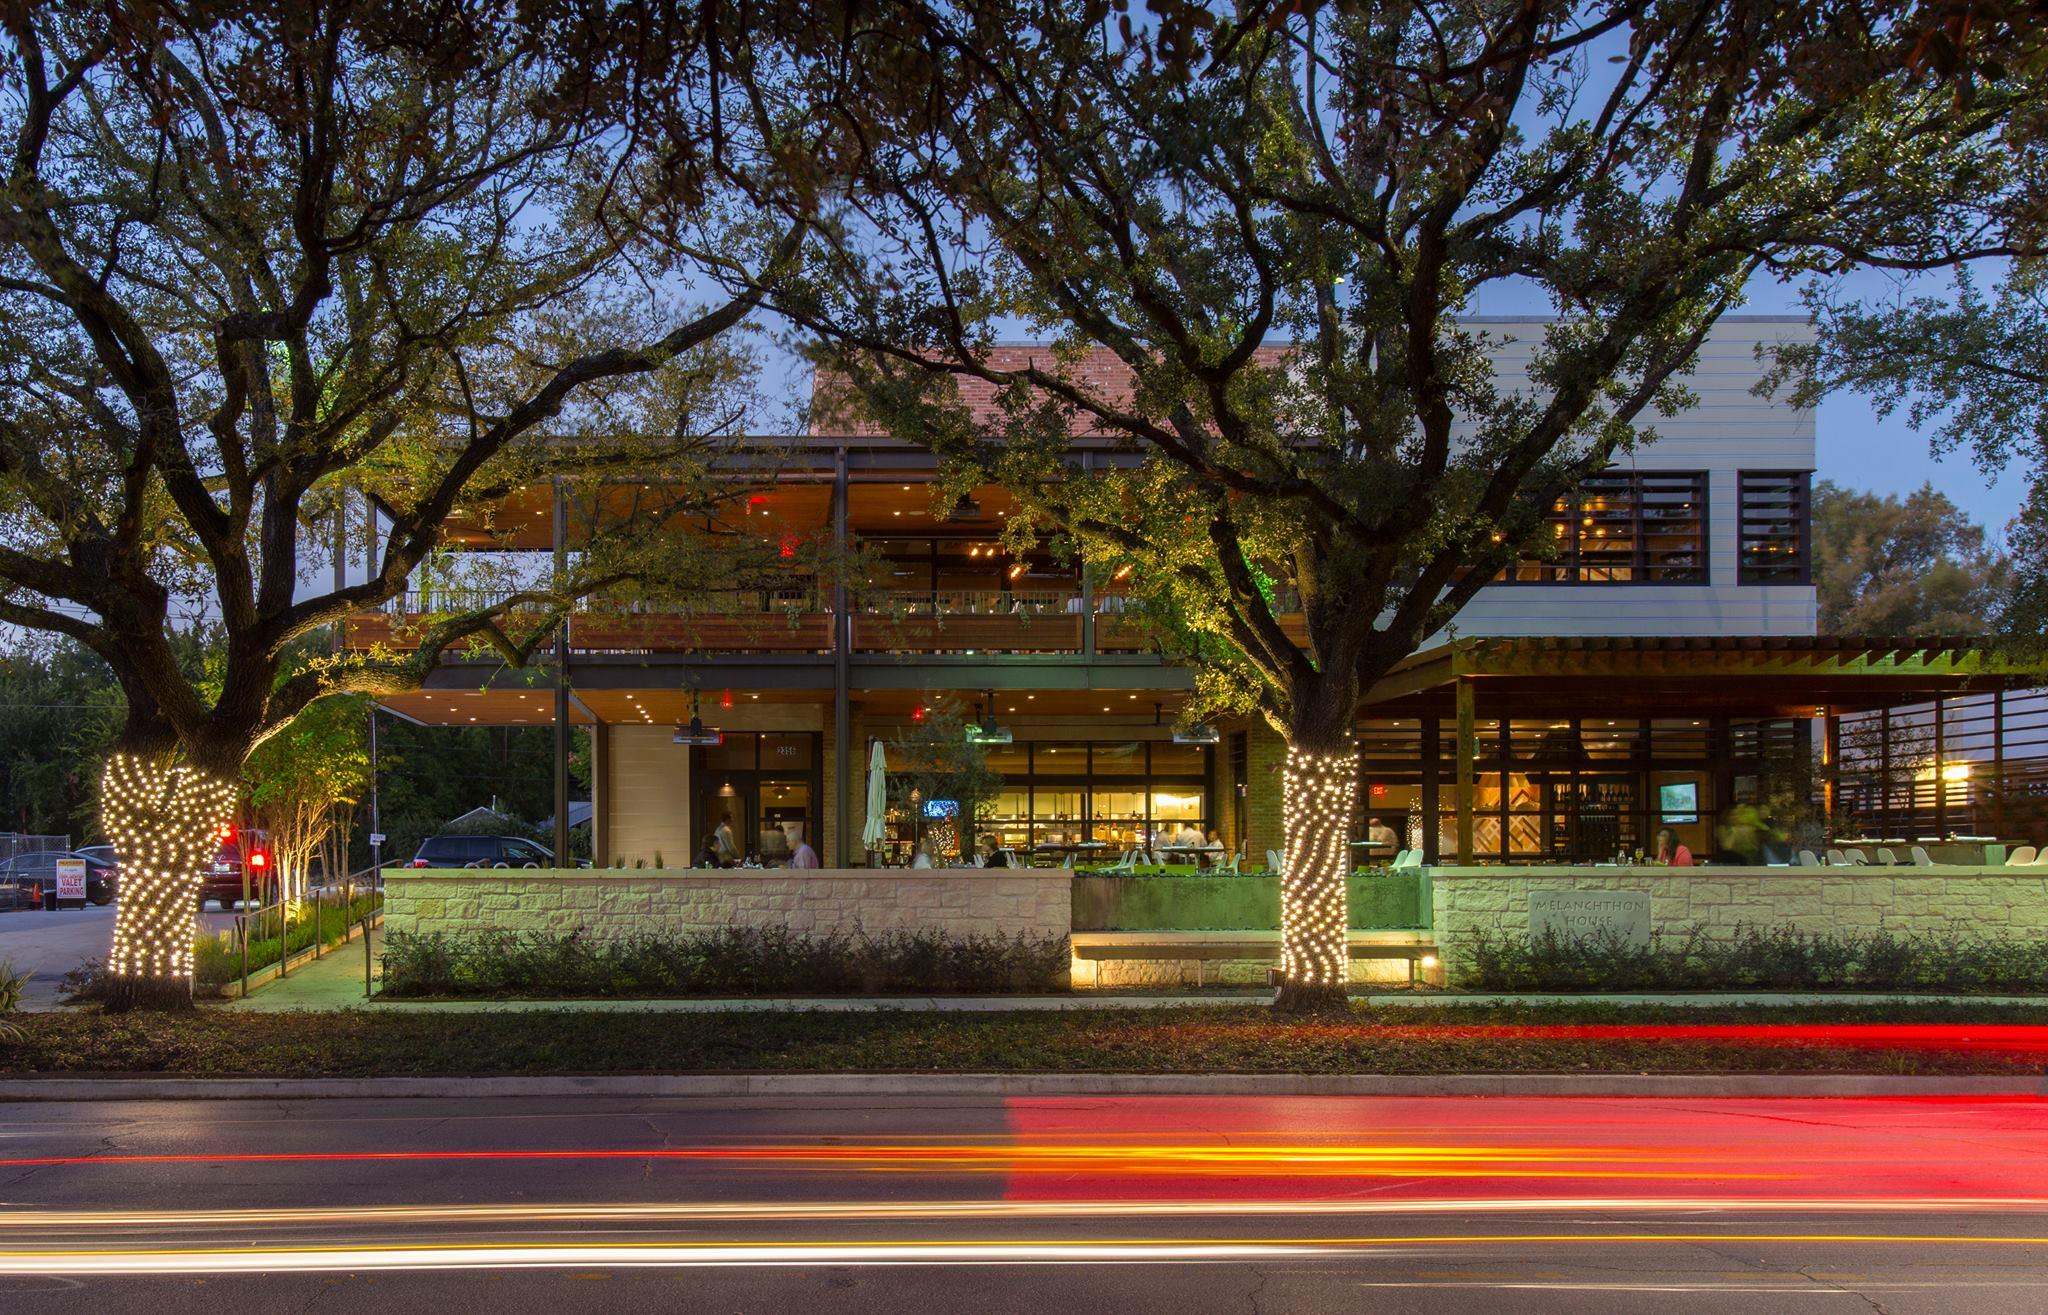 14 Essential Rice Village Restaurants